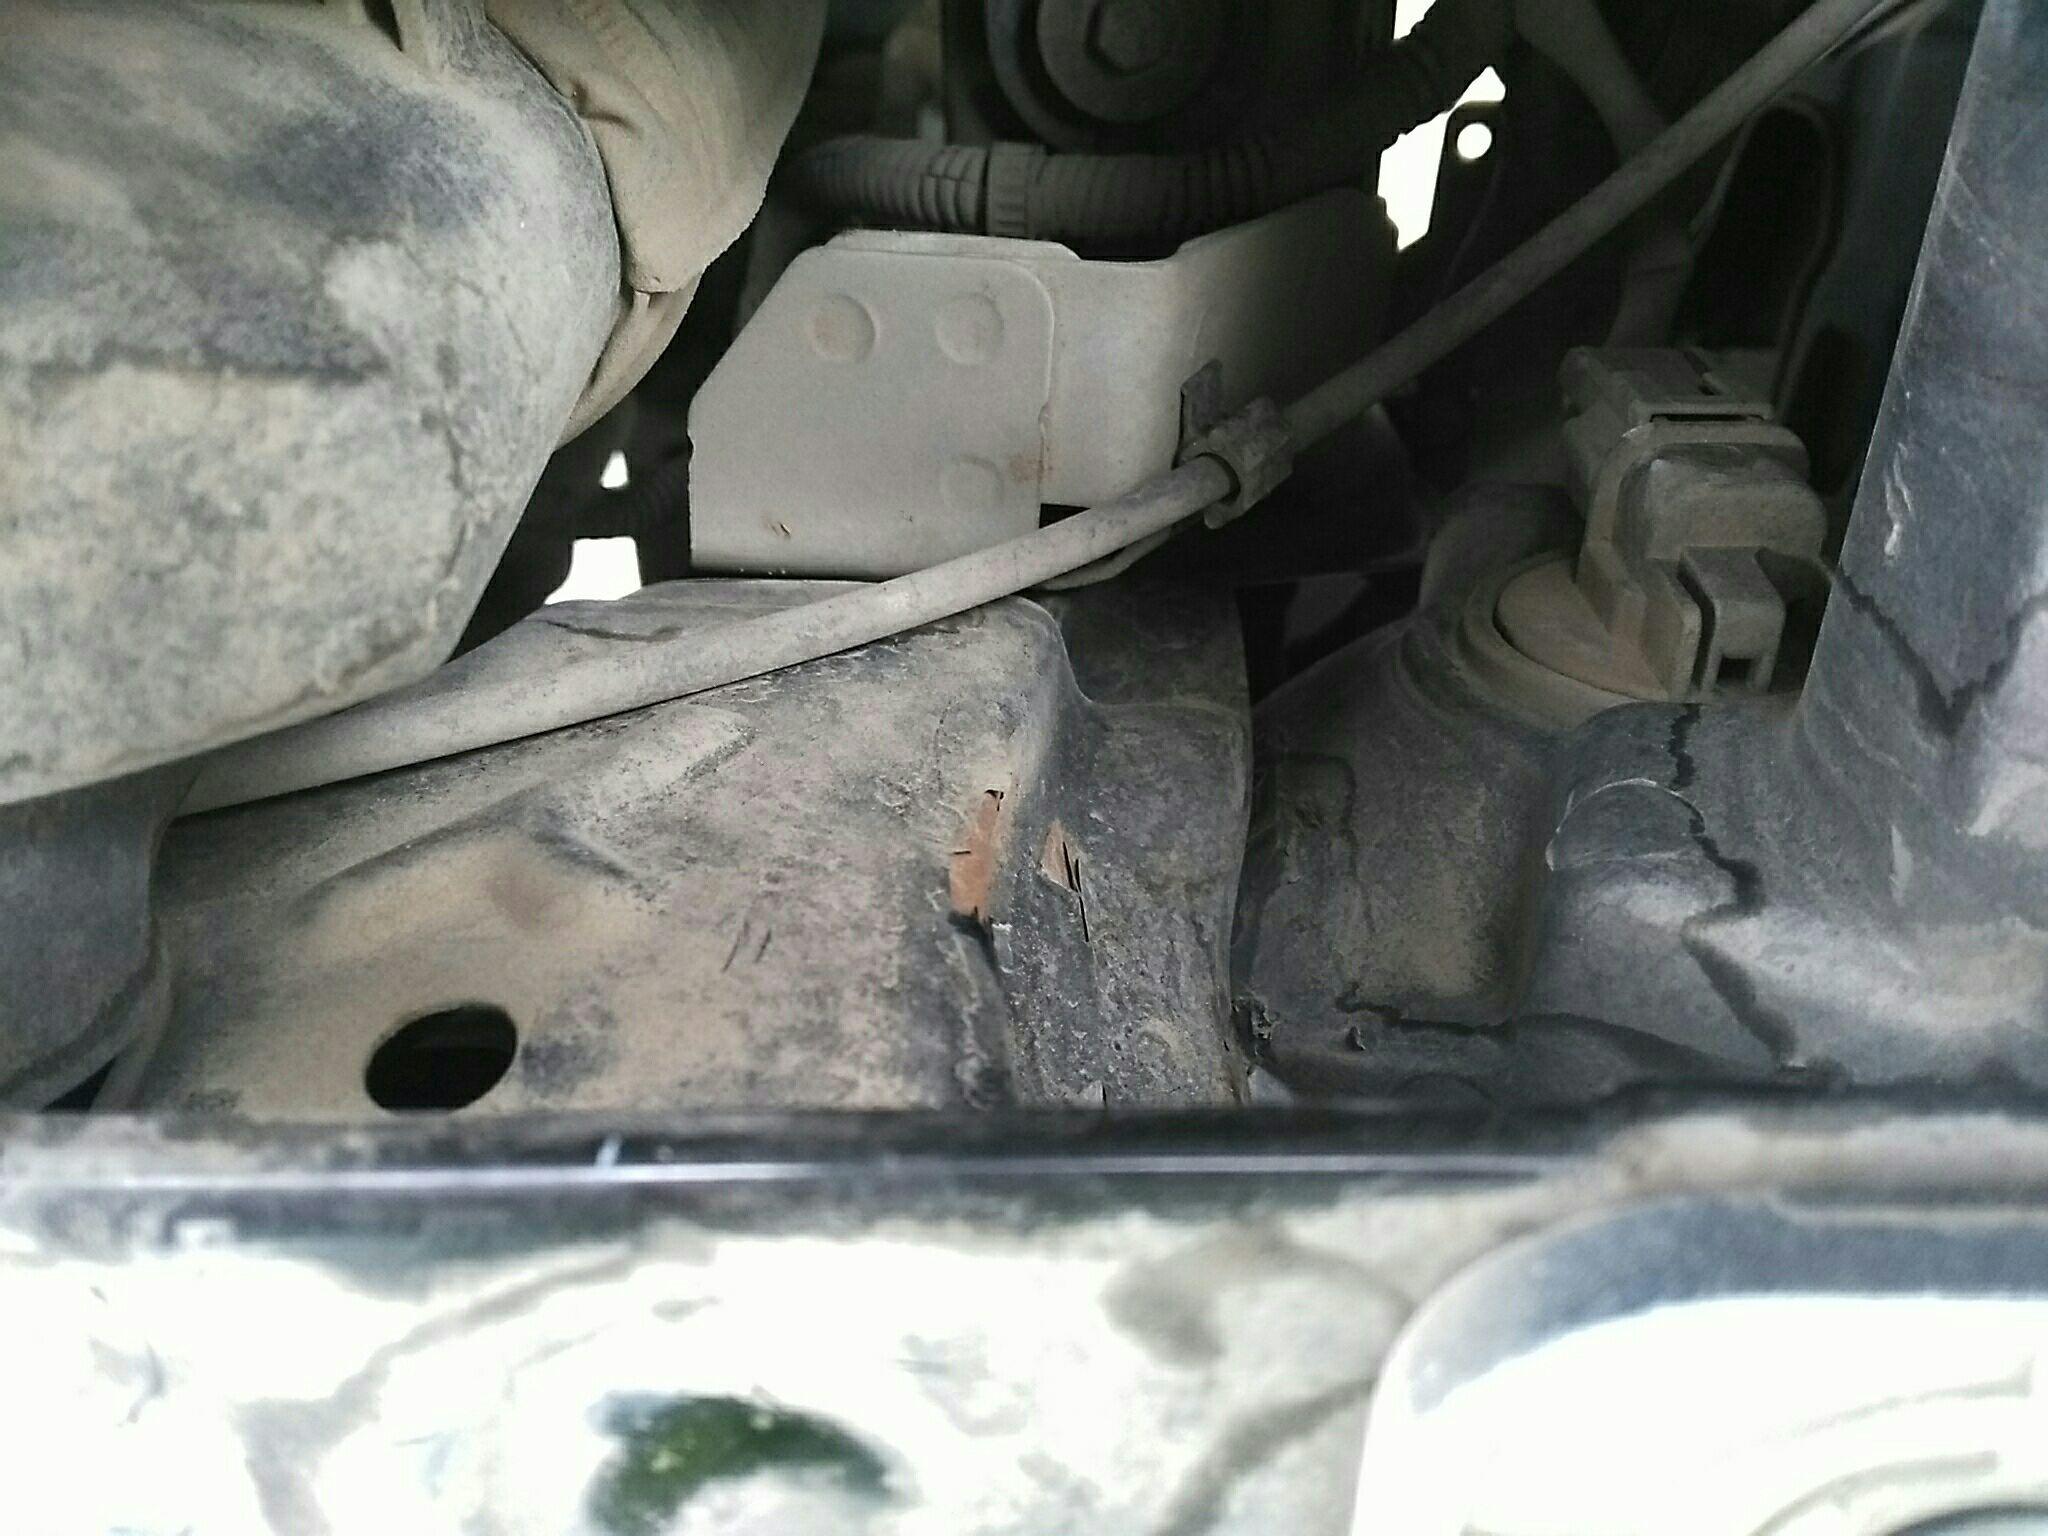 蚌埠二手现代瑞纳 > 现代瑞纳 2010  车头轻微的碰撞会导致水箱框架